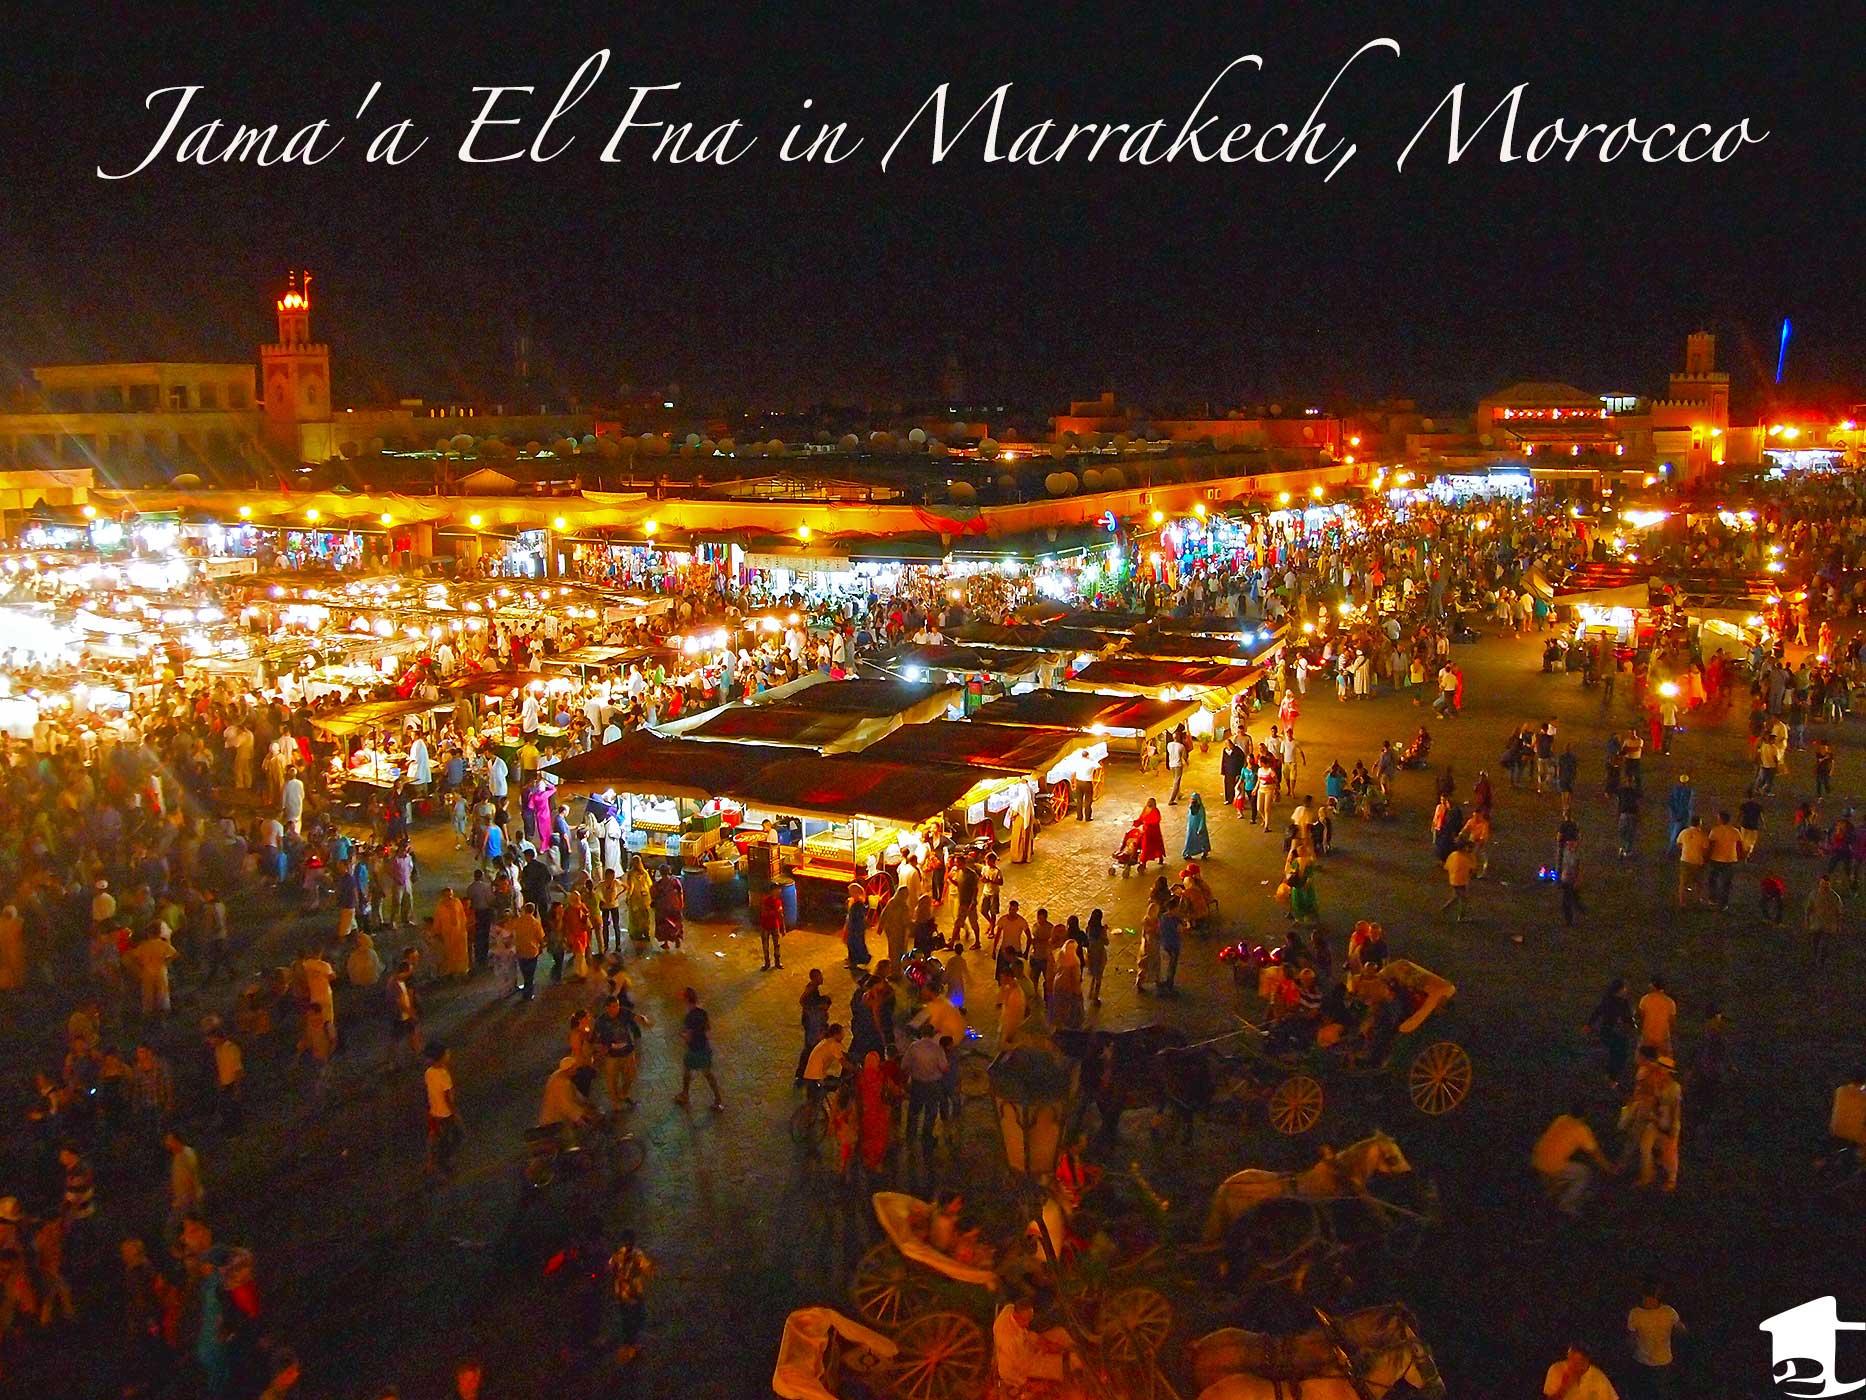 Jama'a el Fna in Marrakech, Morocco